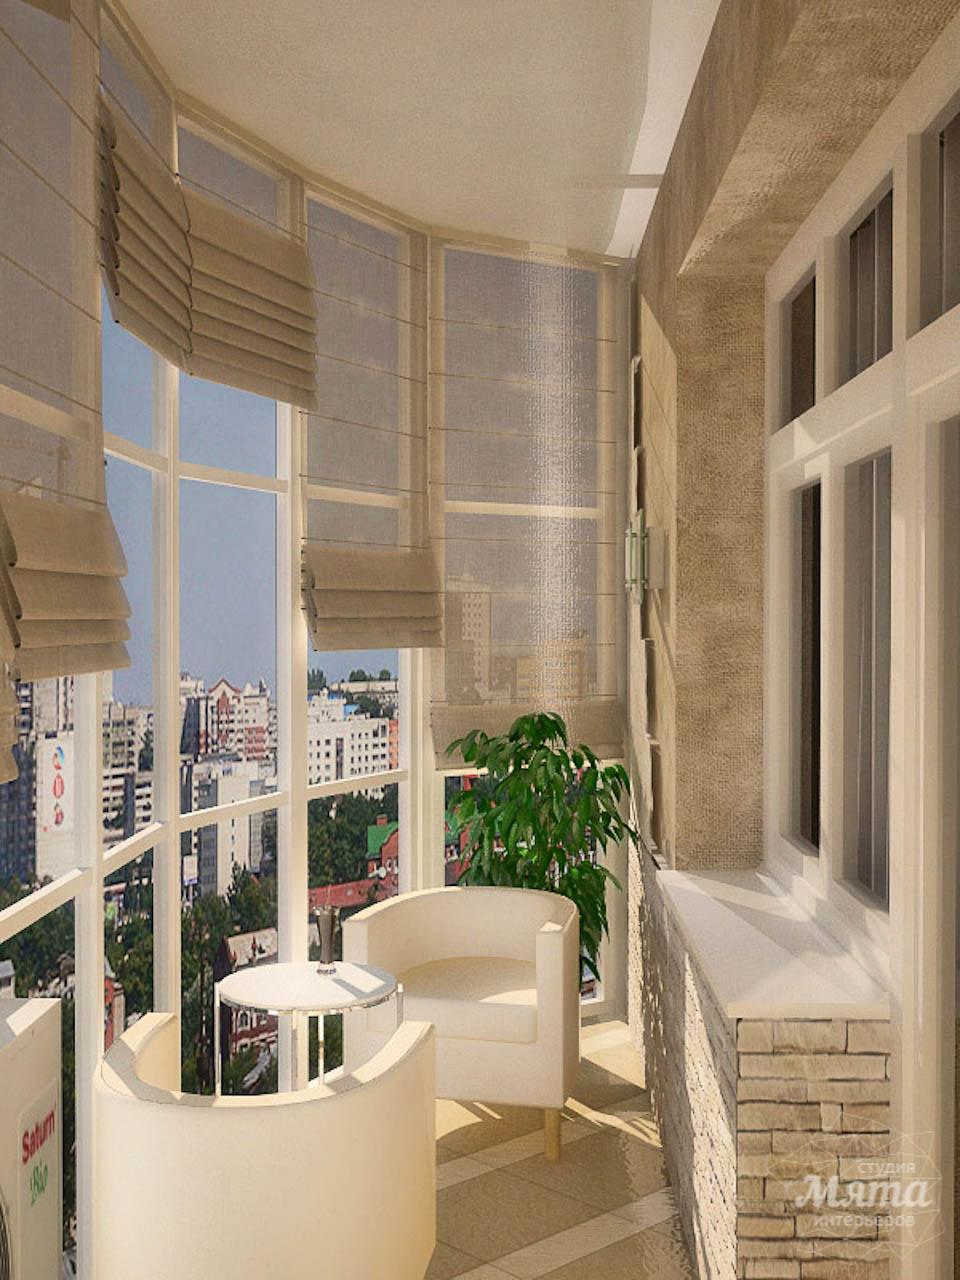 Дизайн интерьера трехкомнатной квартиры по ул. Папанина 18 img1267087541